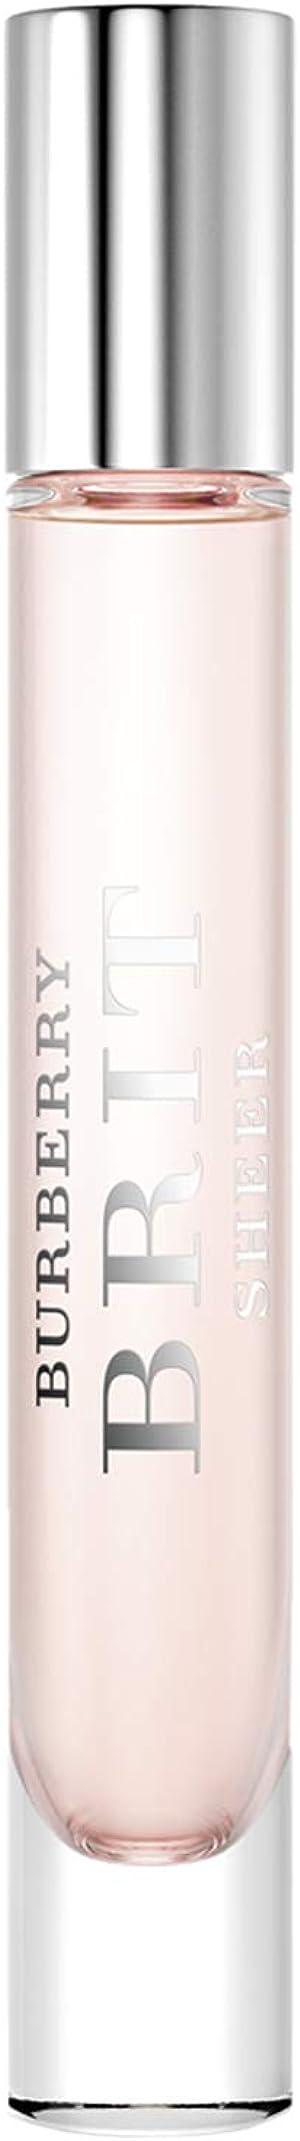 Burberry Brit Sheer Eau de Toilette For Her, 0.25 Fl Oz